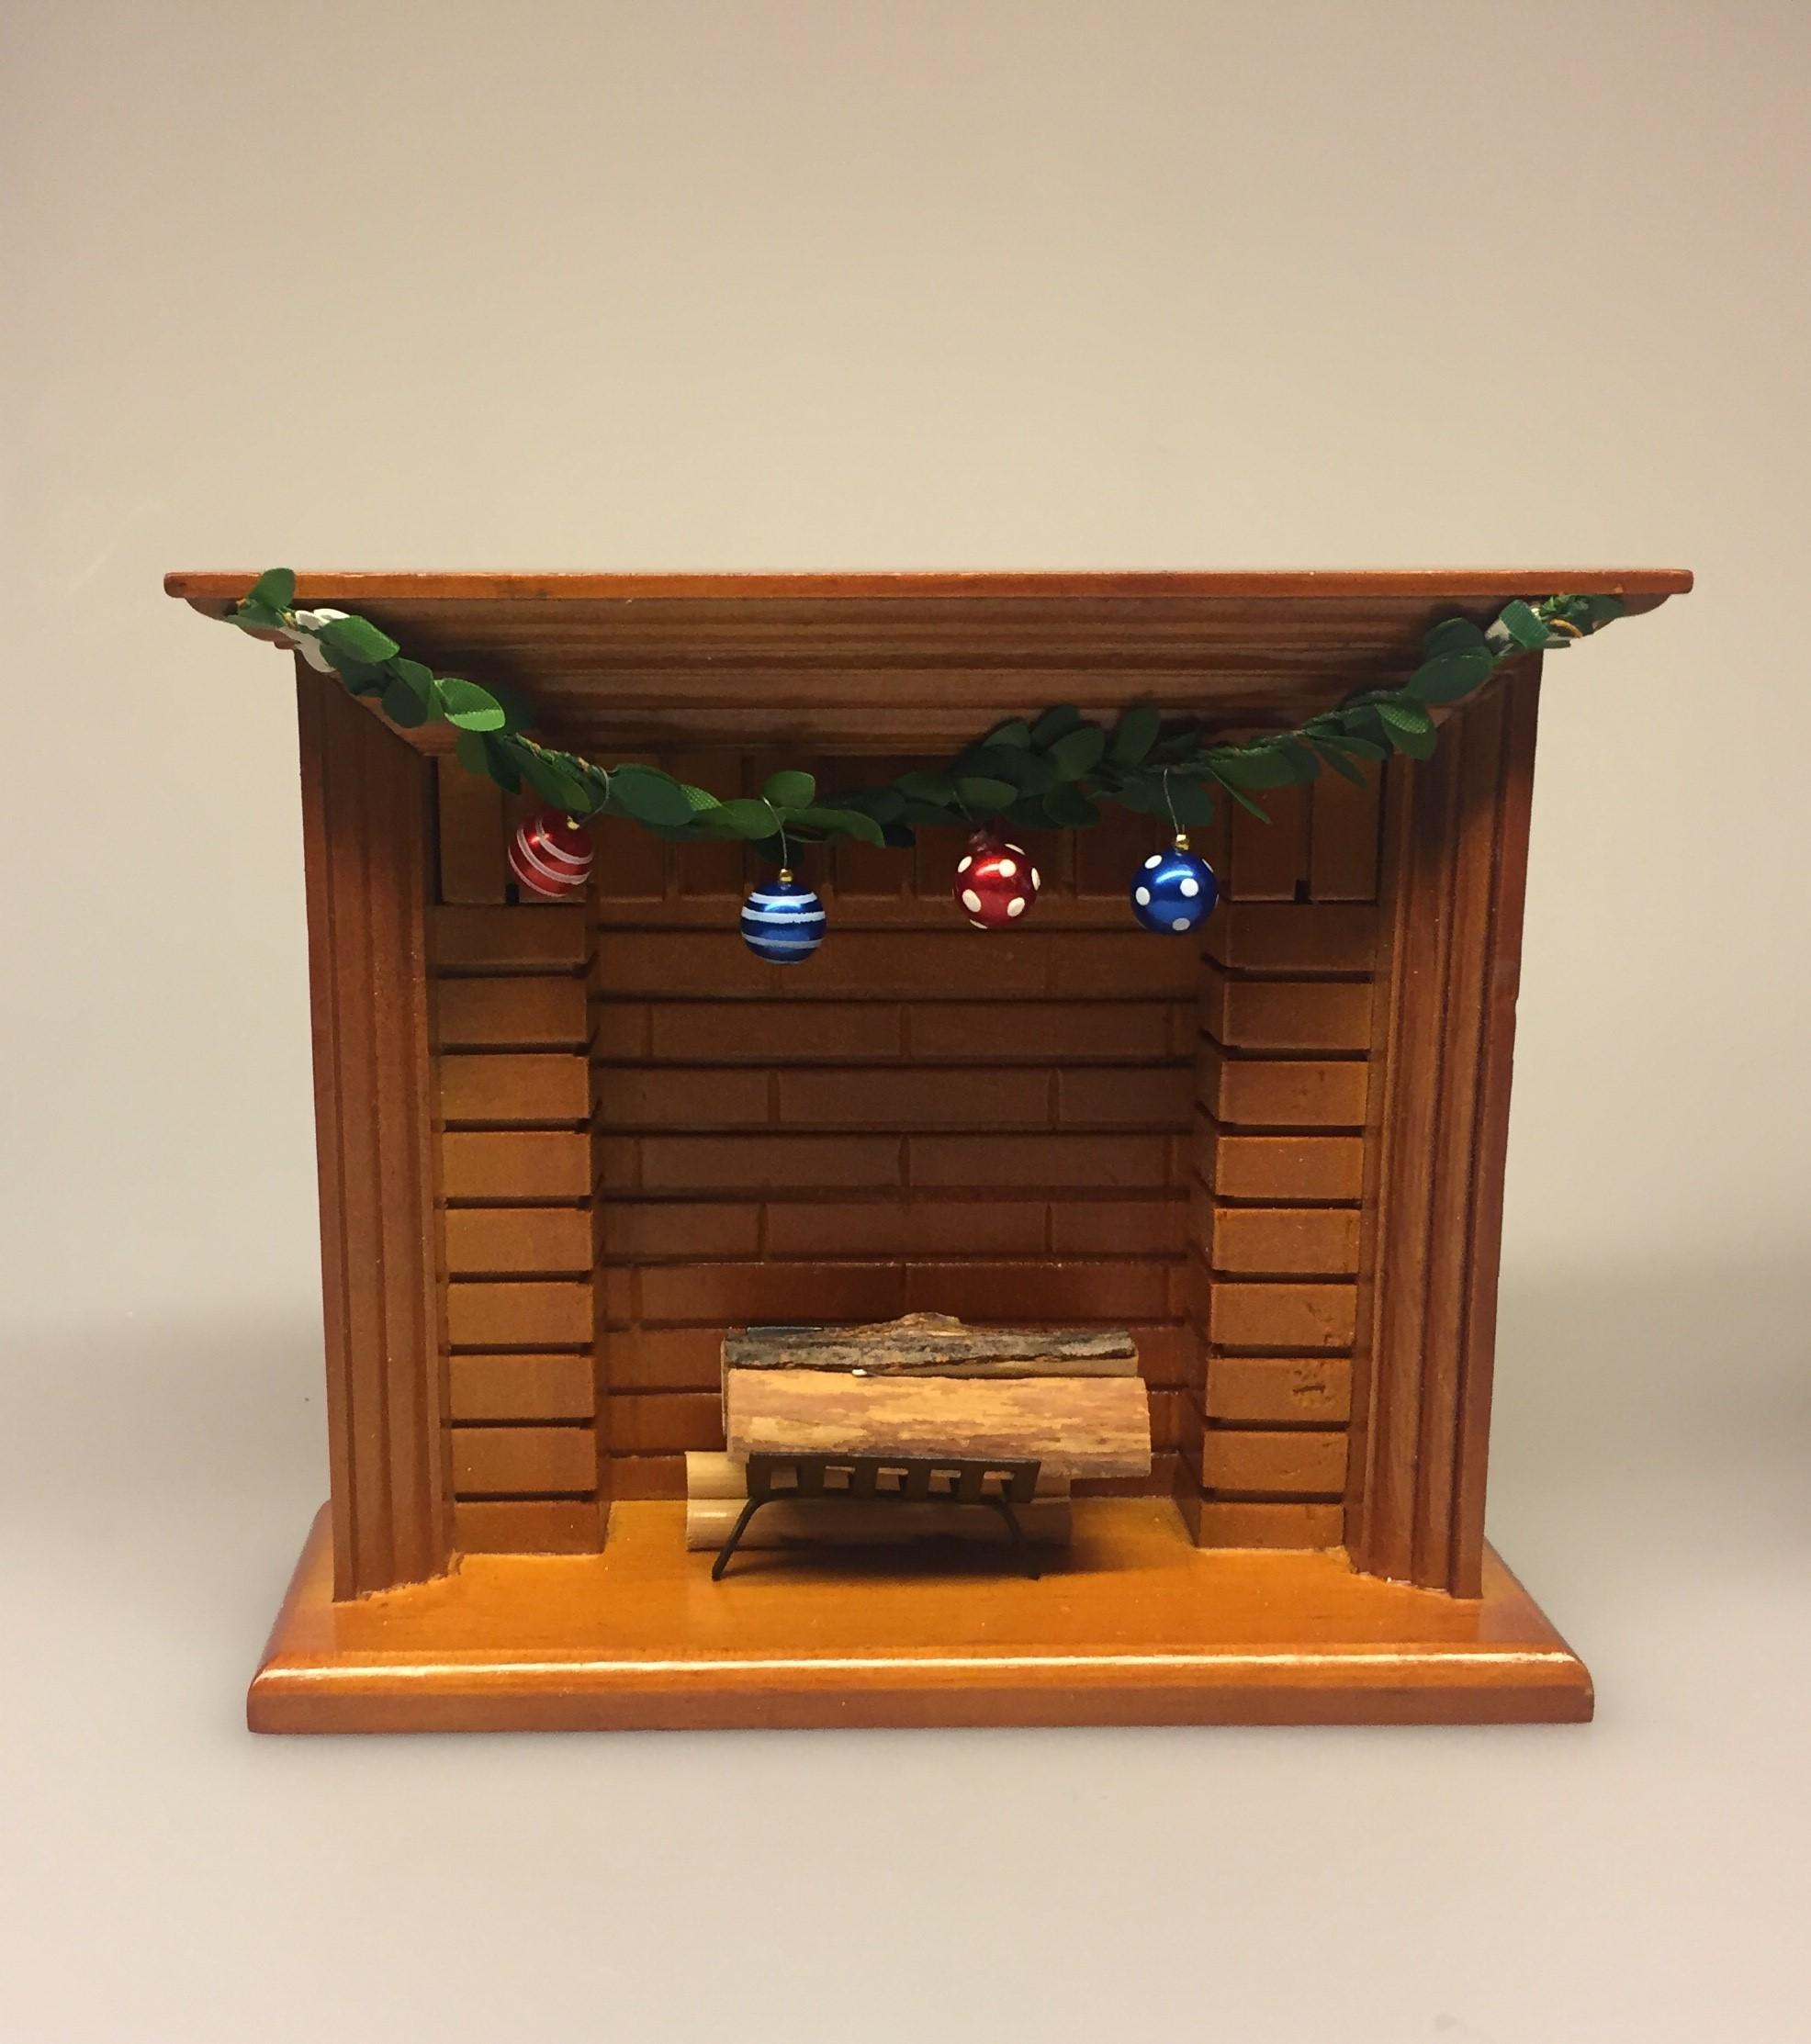 Miniature Kamin lys træ, miniature, miniaturer, dukkehus, dukkehusting, dukkehustilbehør, ting til dukkehuset, 1:12, kamin, kaminhylde, op på kaminhylden, og glimmer på, hella joof, pejs, åben pejs, ildsted, kakkelovn, brændeovn, nissebo, nissedør, santa, chimney, chimny, nissetilbehør, nisseting, ting til nisser, Miniature julekugler - glaskugler med ophæng i flere farver